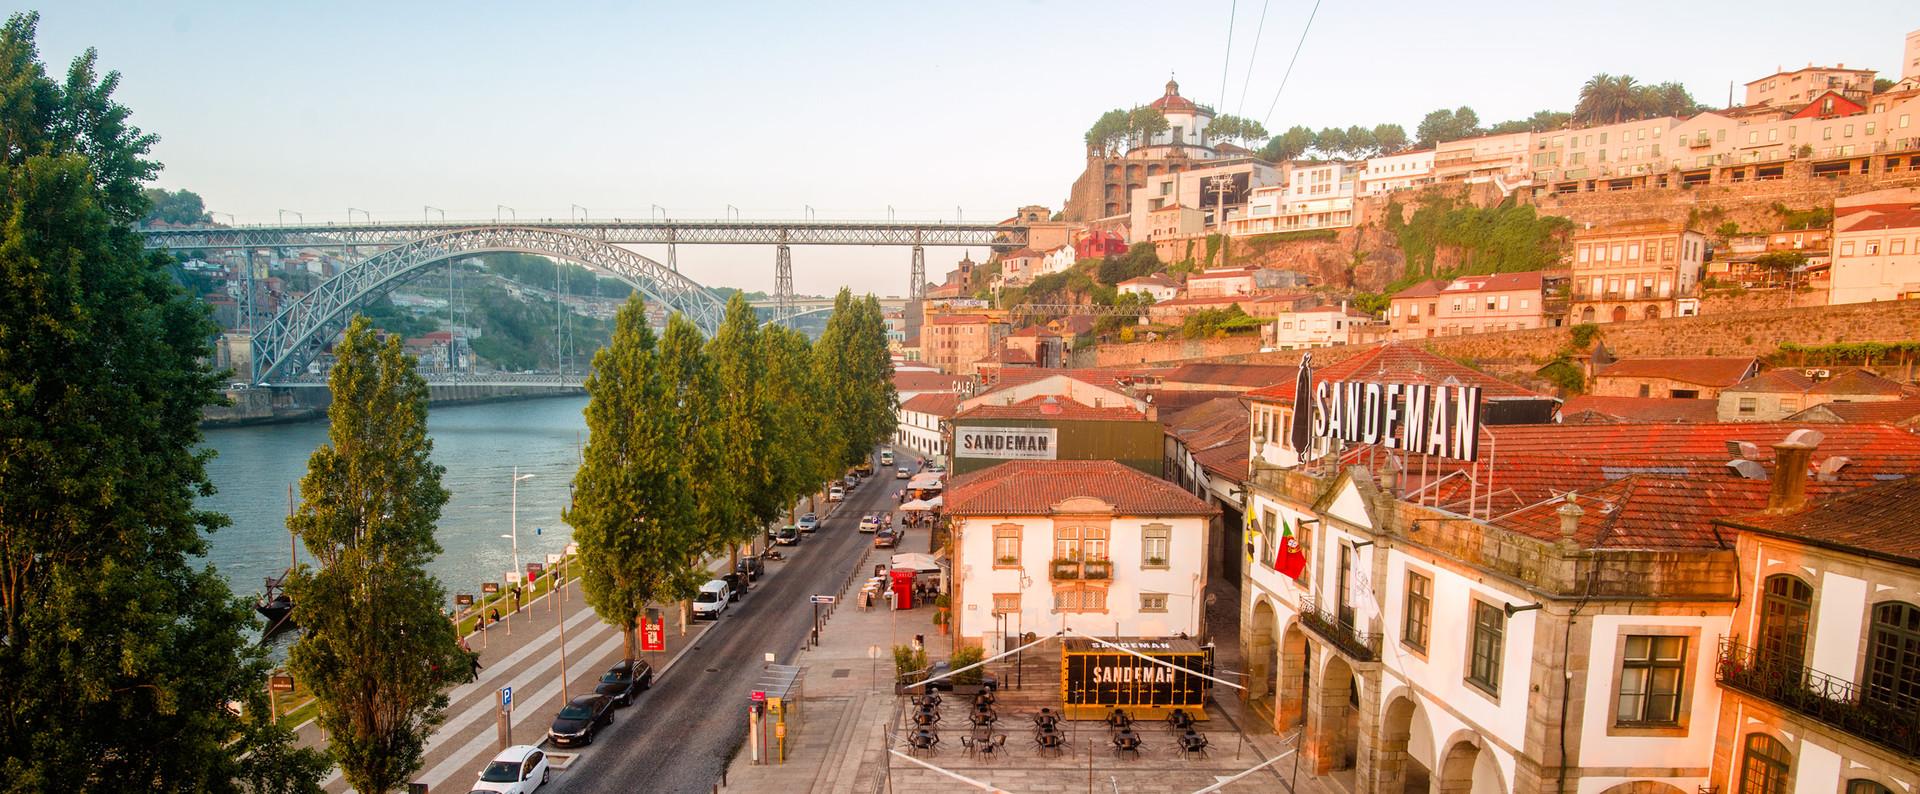 Experiência de Erasmus do Adam no Porto, Portugal